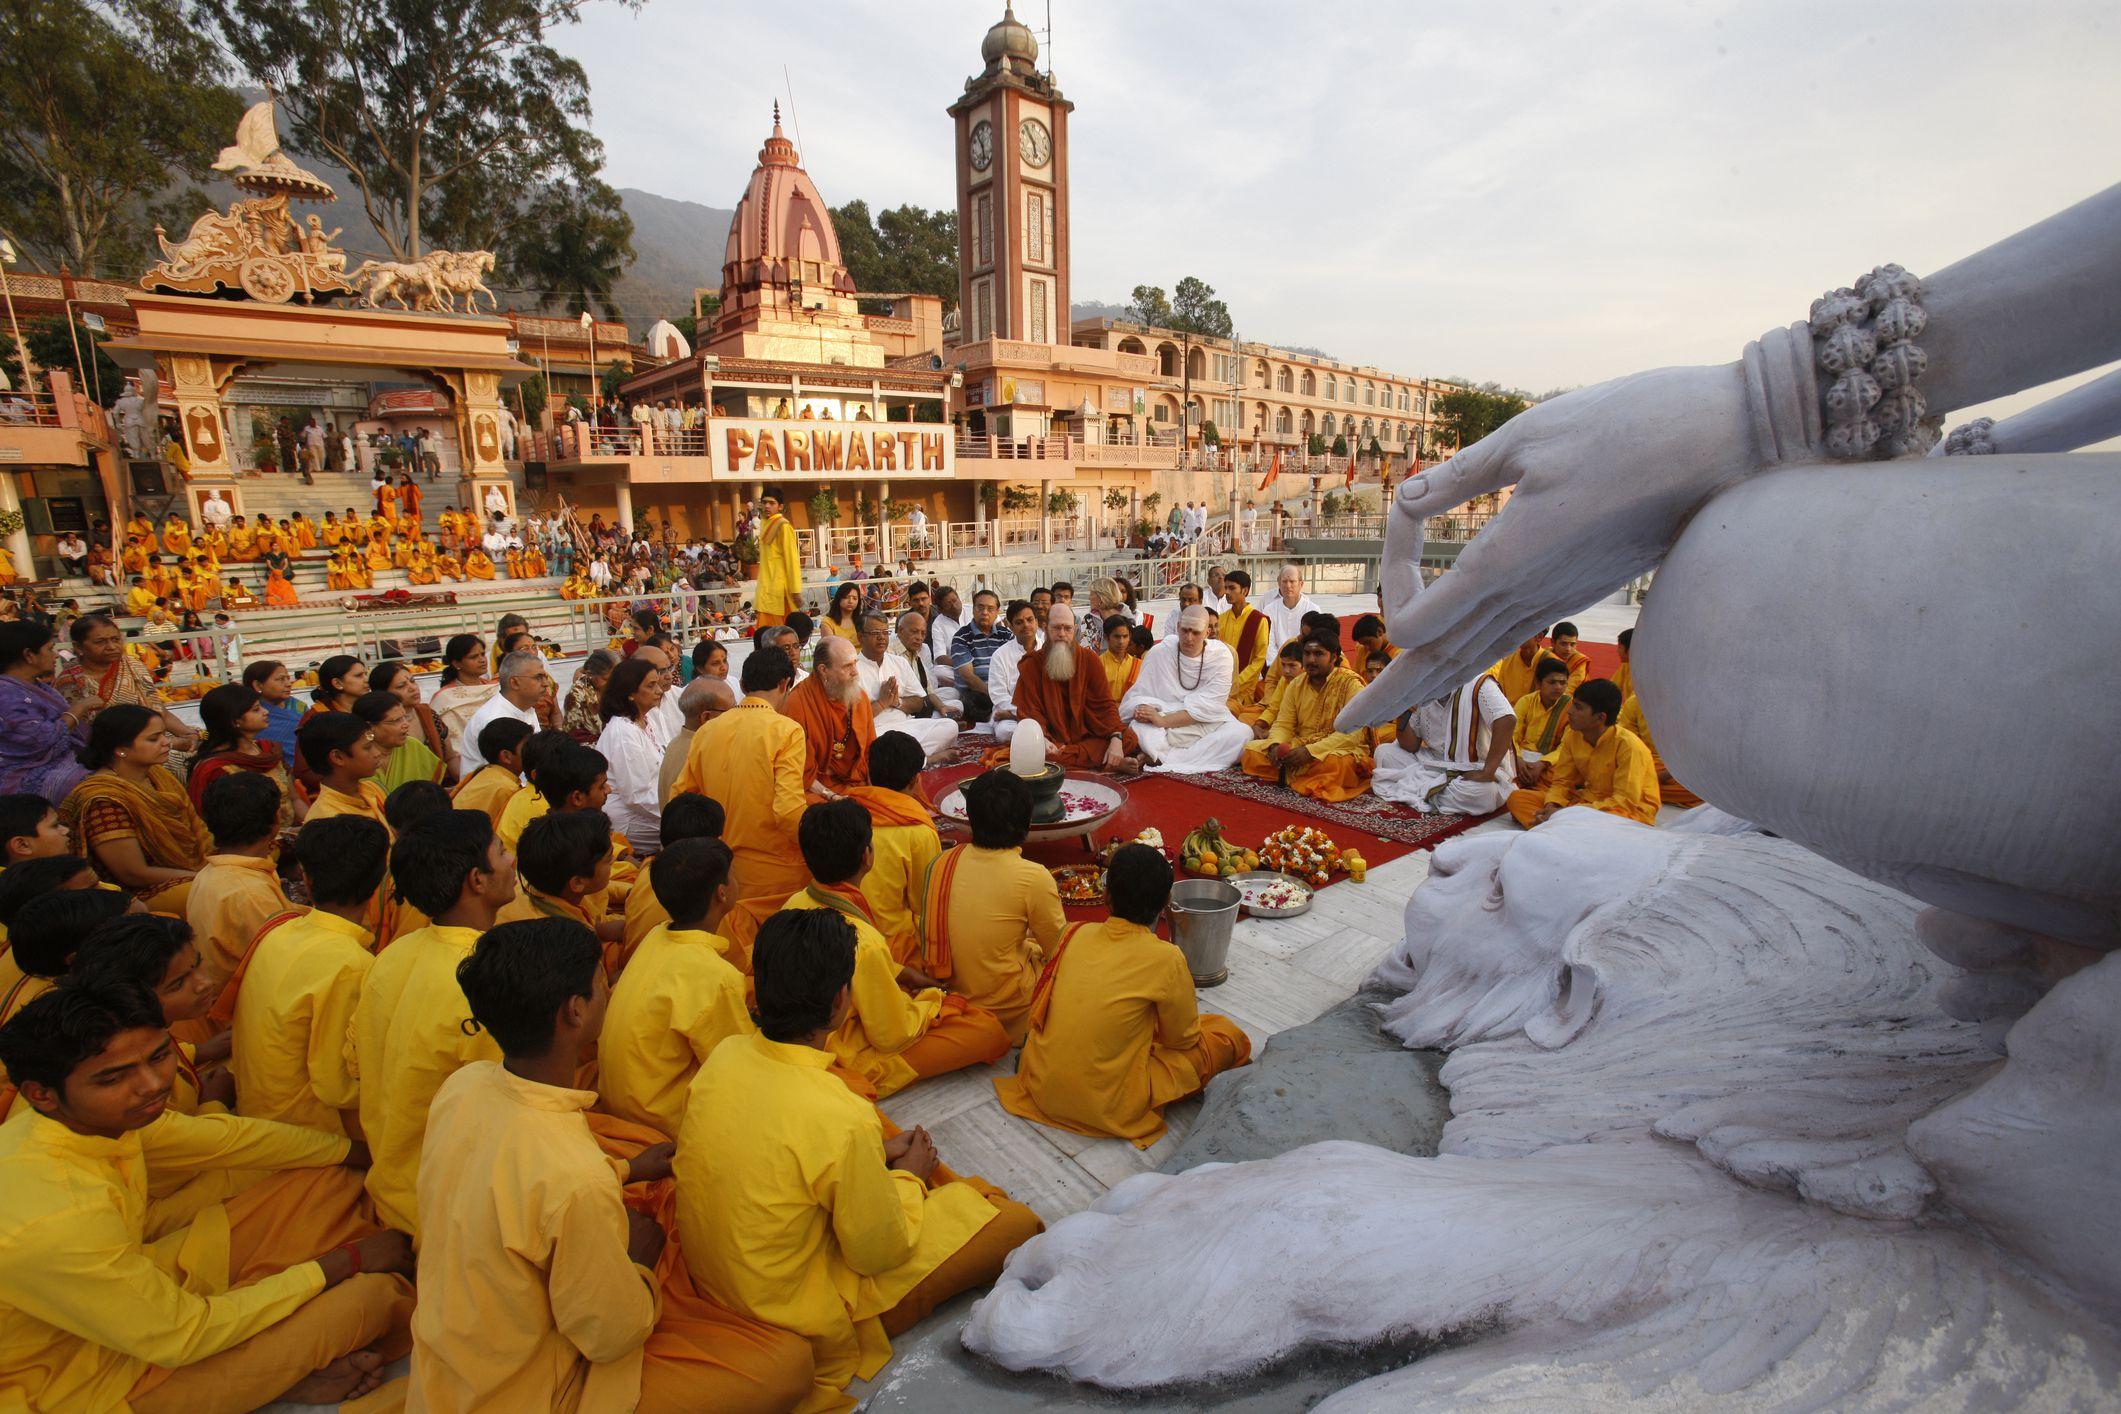 Центр йоги иша в индии. одно из лучших мест для духовного развития